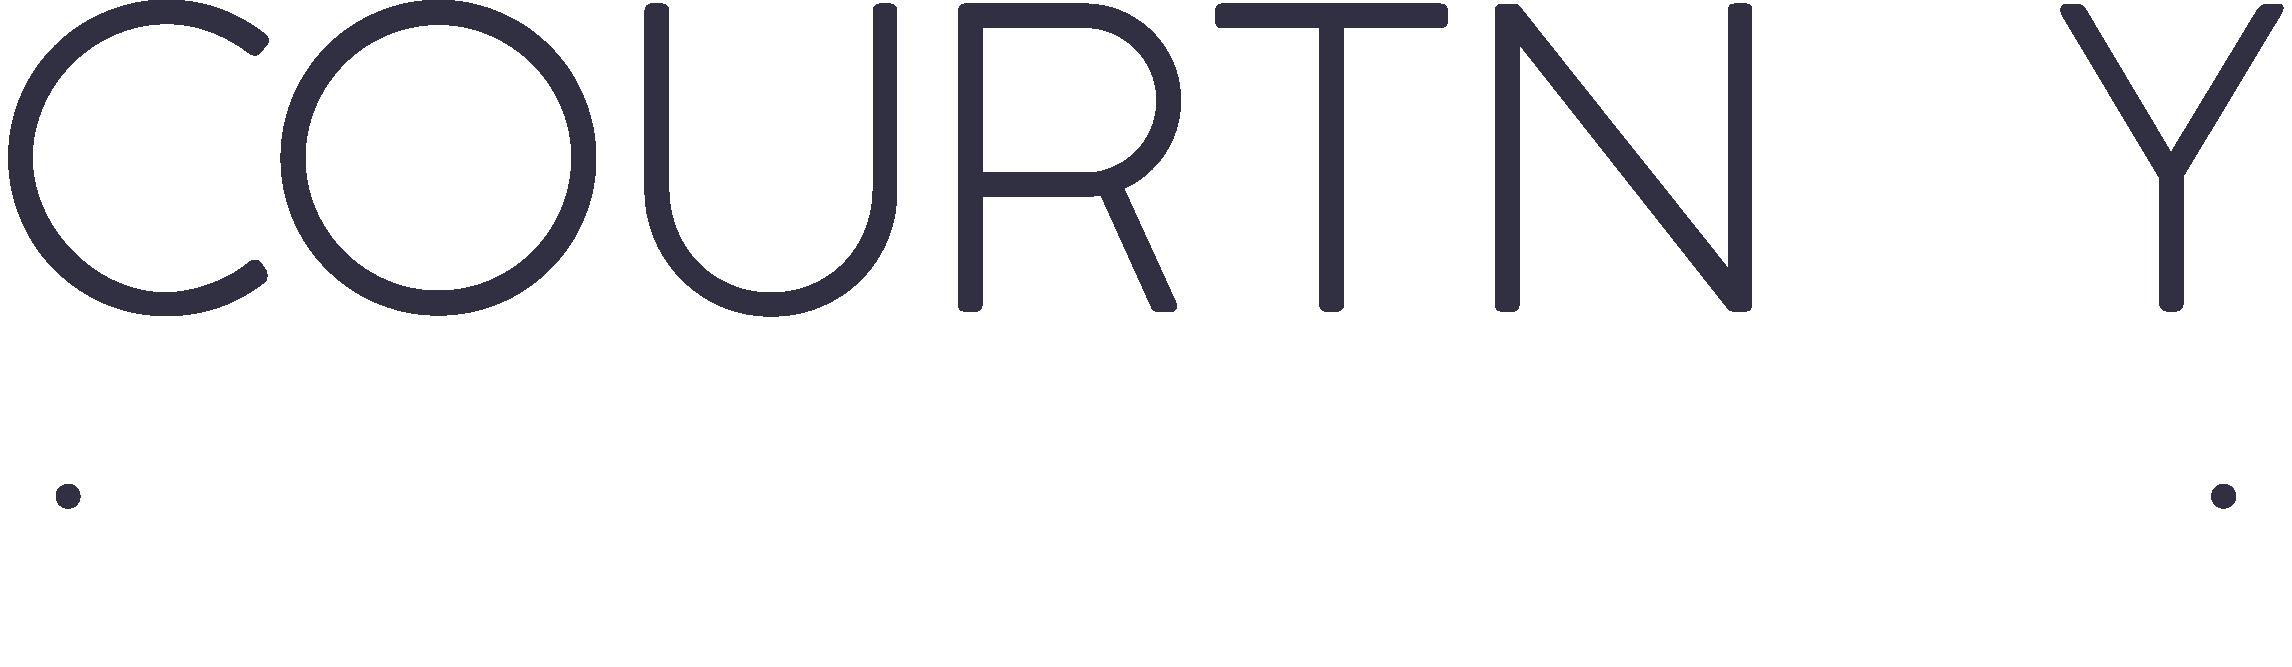 courtney-web-logo-01-02